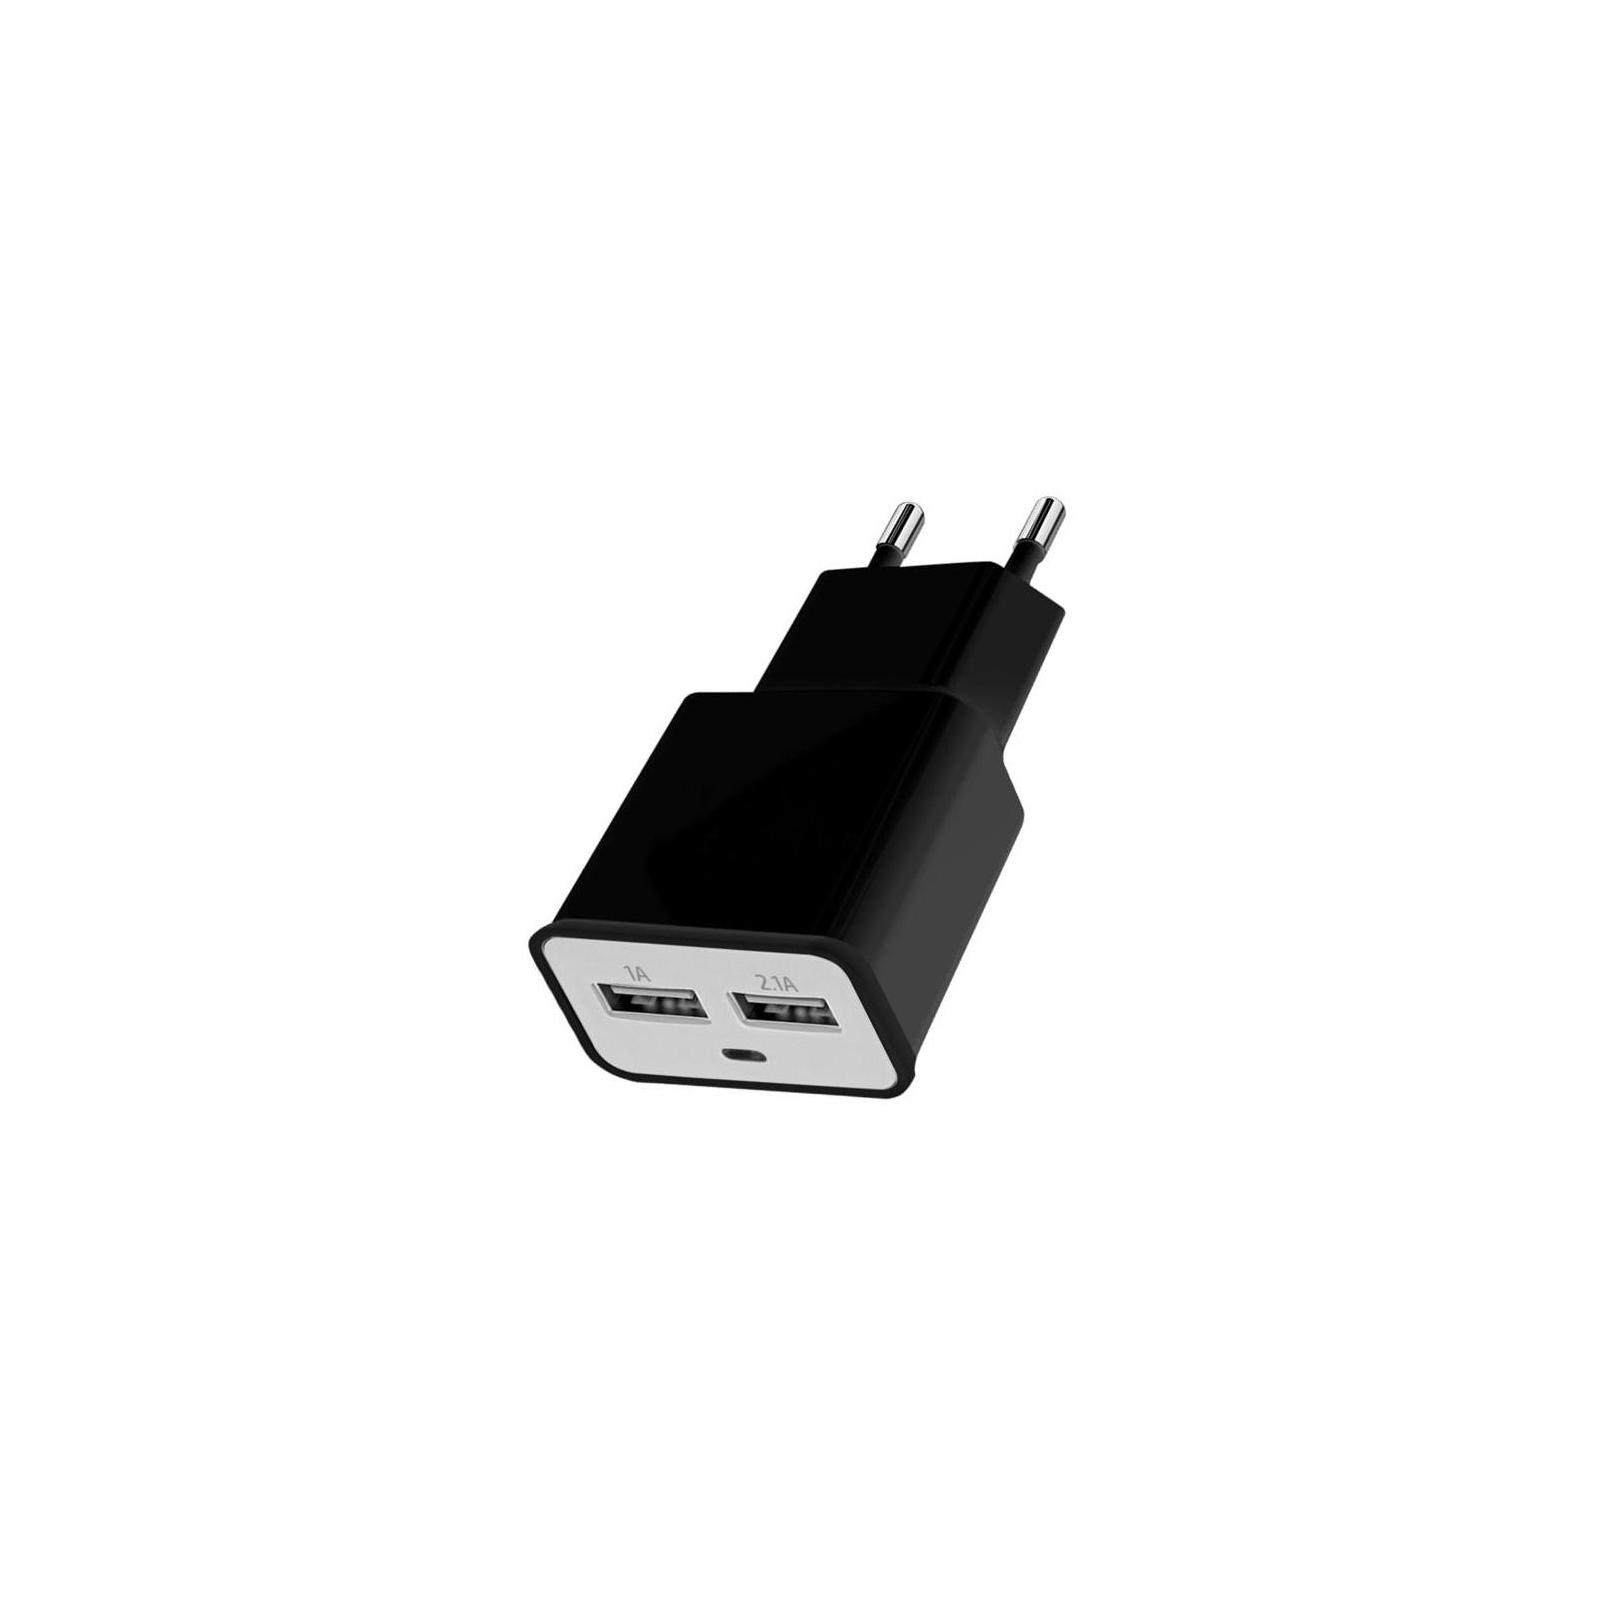 Зарядное устройство Florence 2*USB, 2.0A black (FW-2U020B)